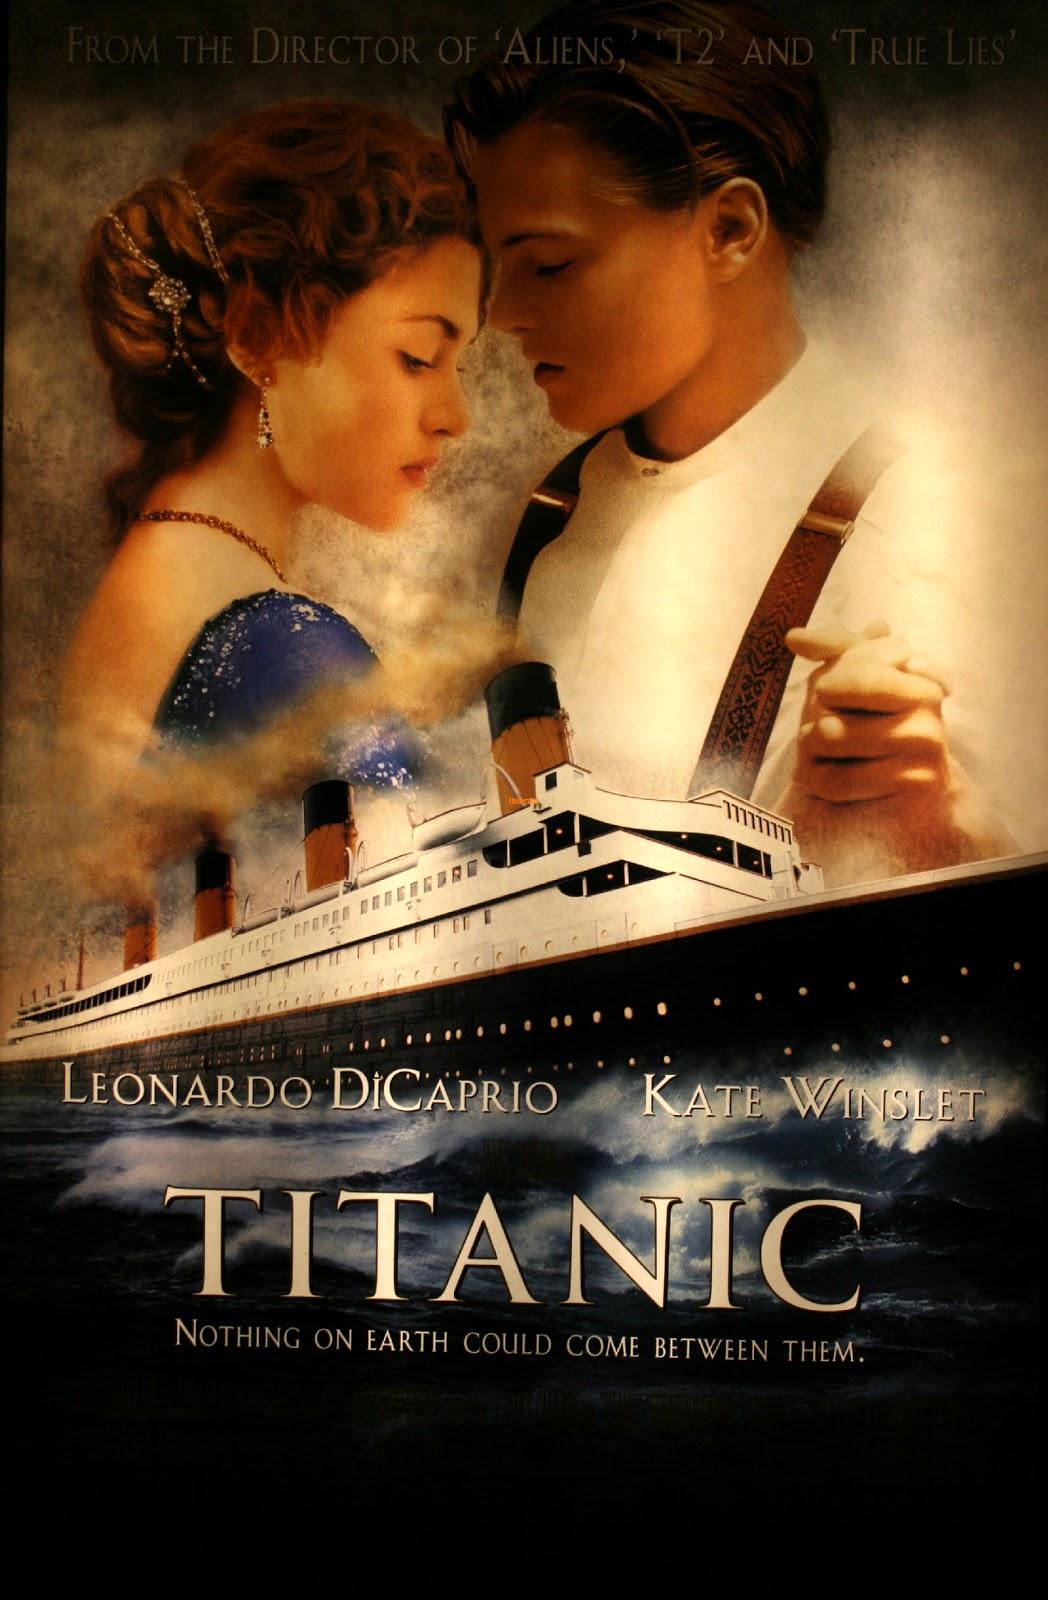 http://3.bp.blogspot.com/-iovng9kXZ38/UH_RYomwbaI/AAAAAAAAJGI/iXkzufnauMY/s1600/titanic+sofilmesoline.jpg